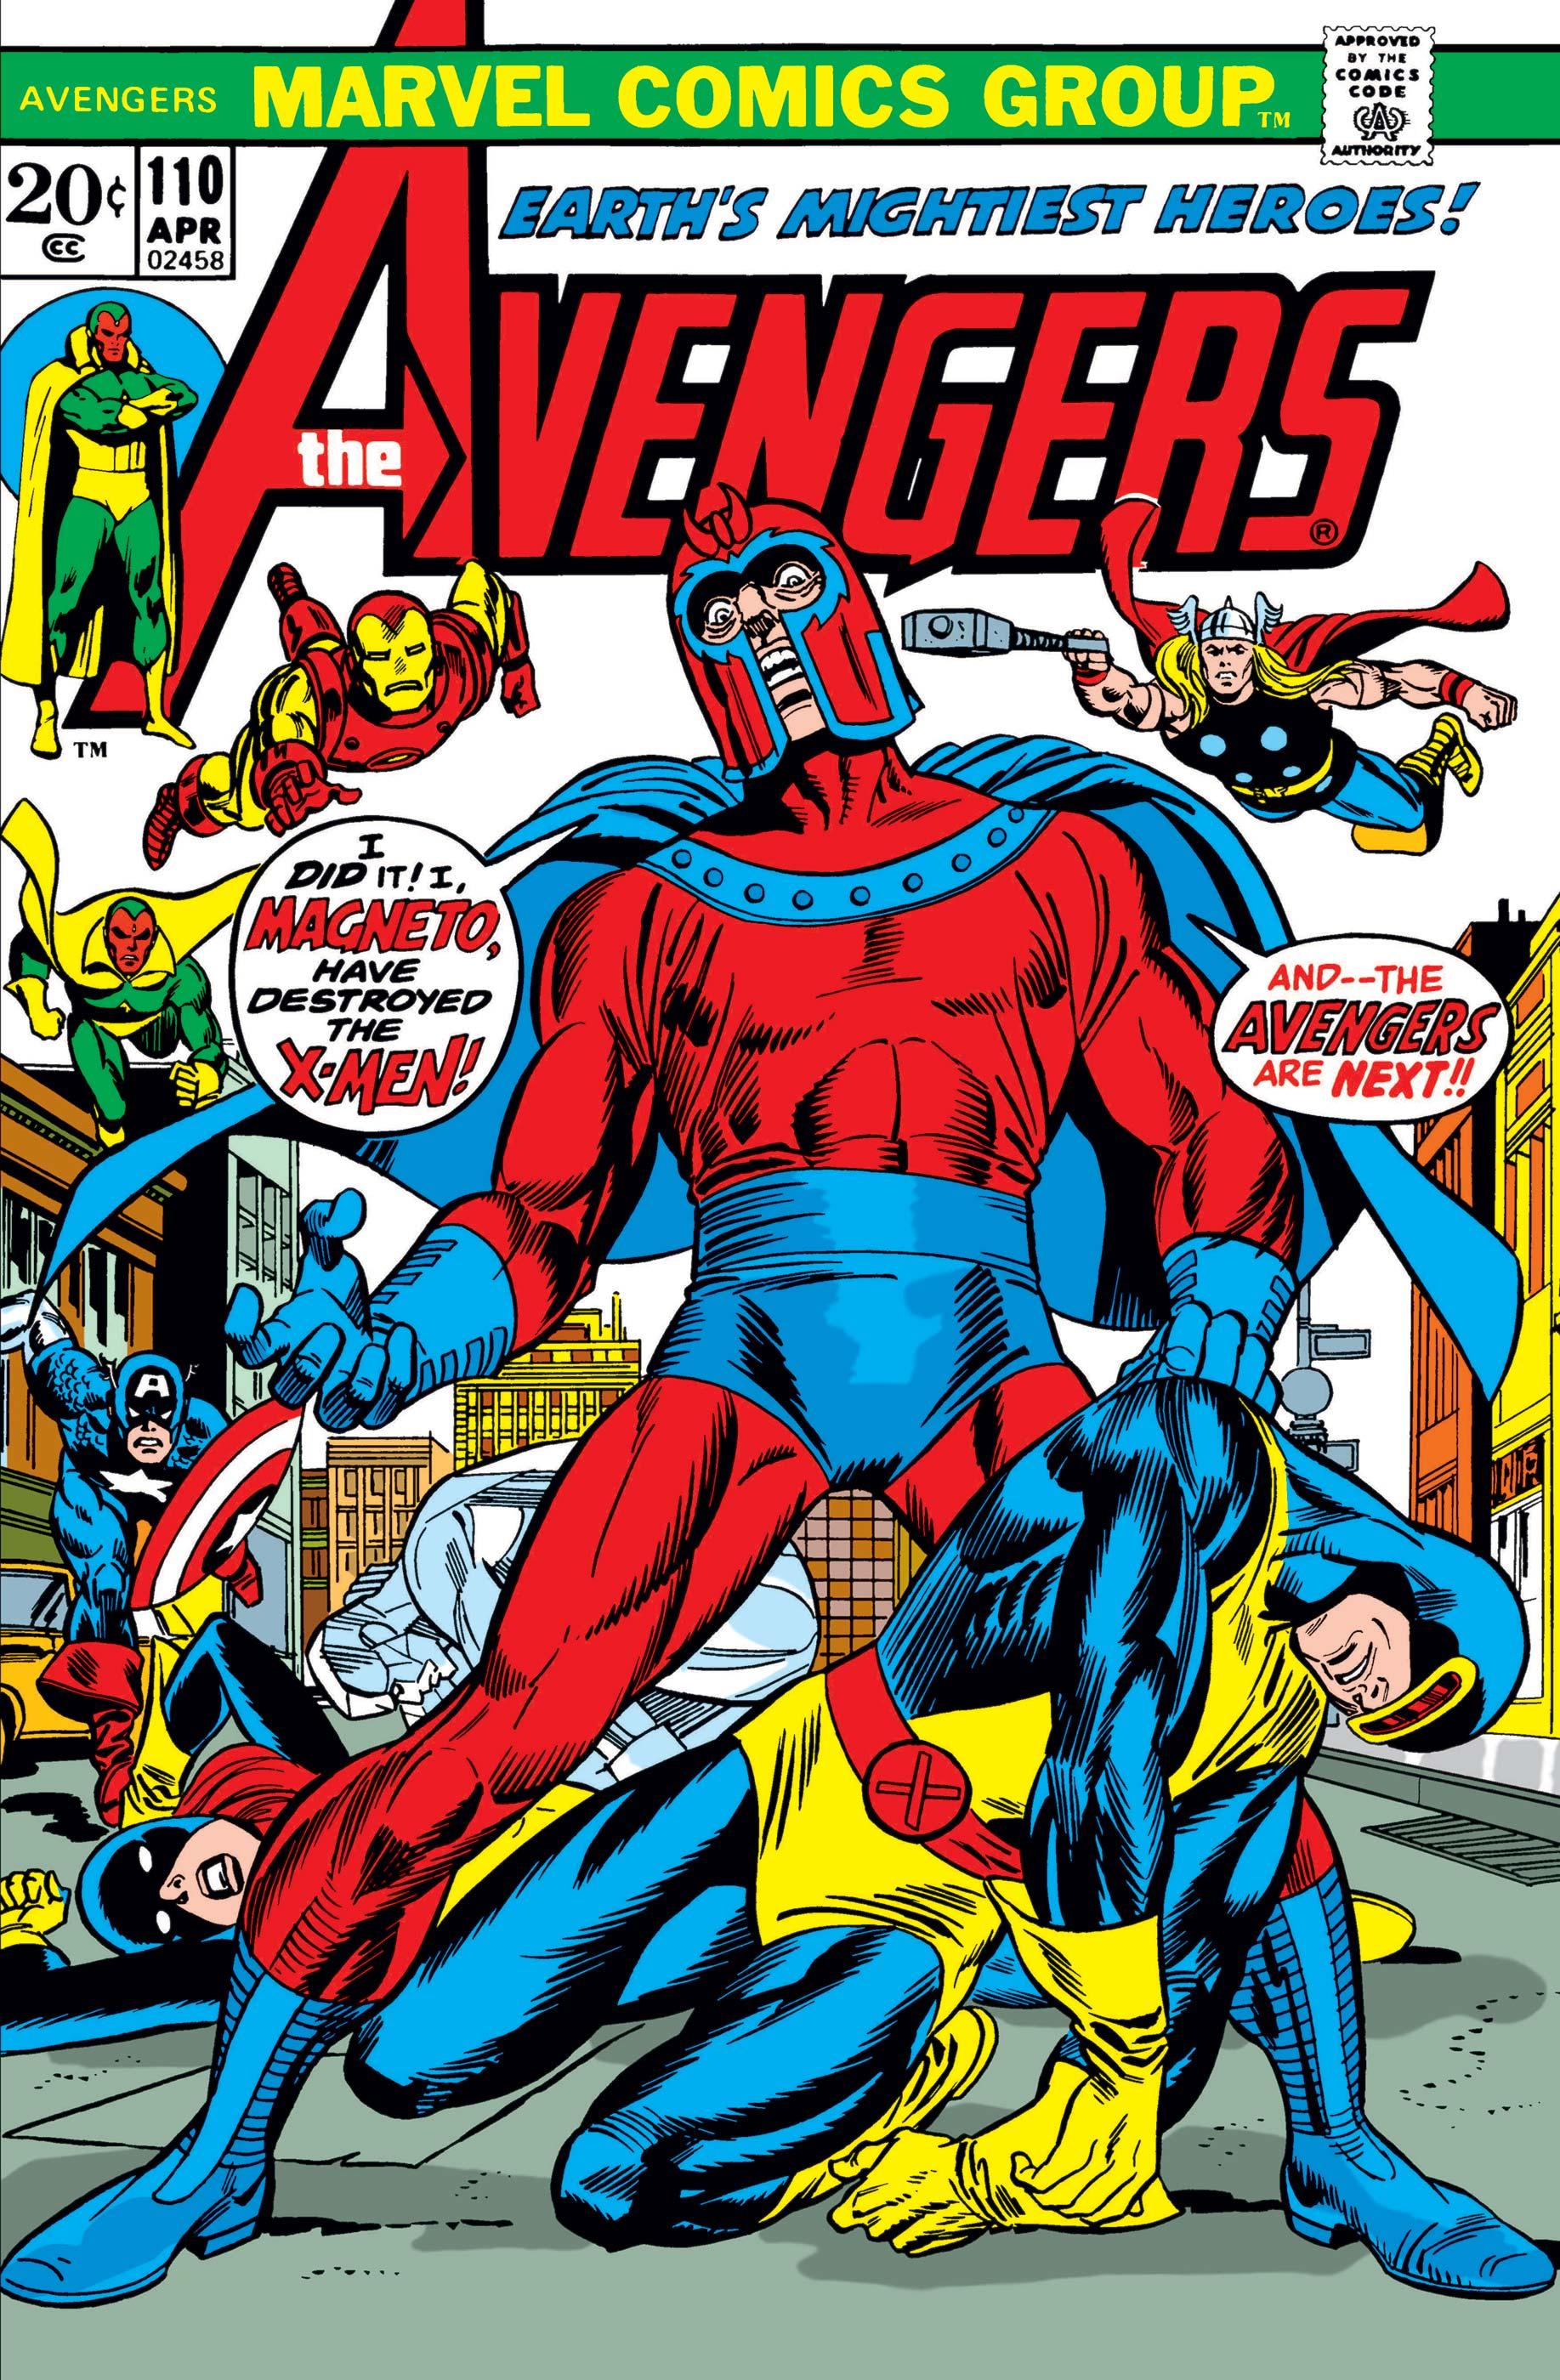 Avengers (1963) #110